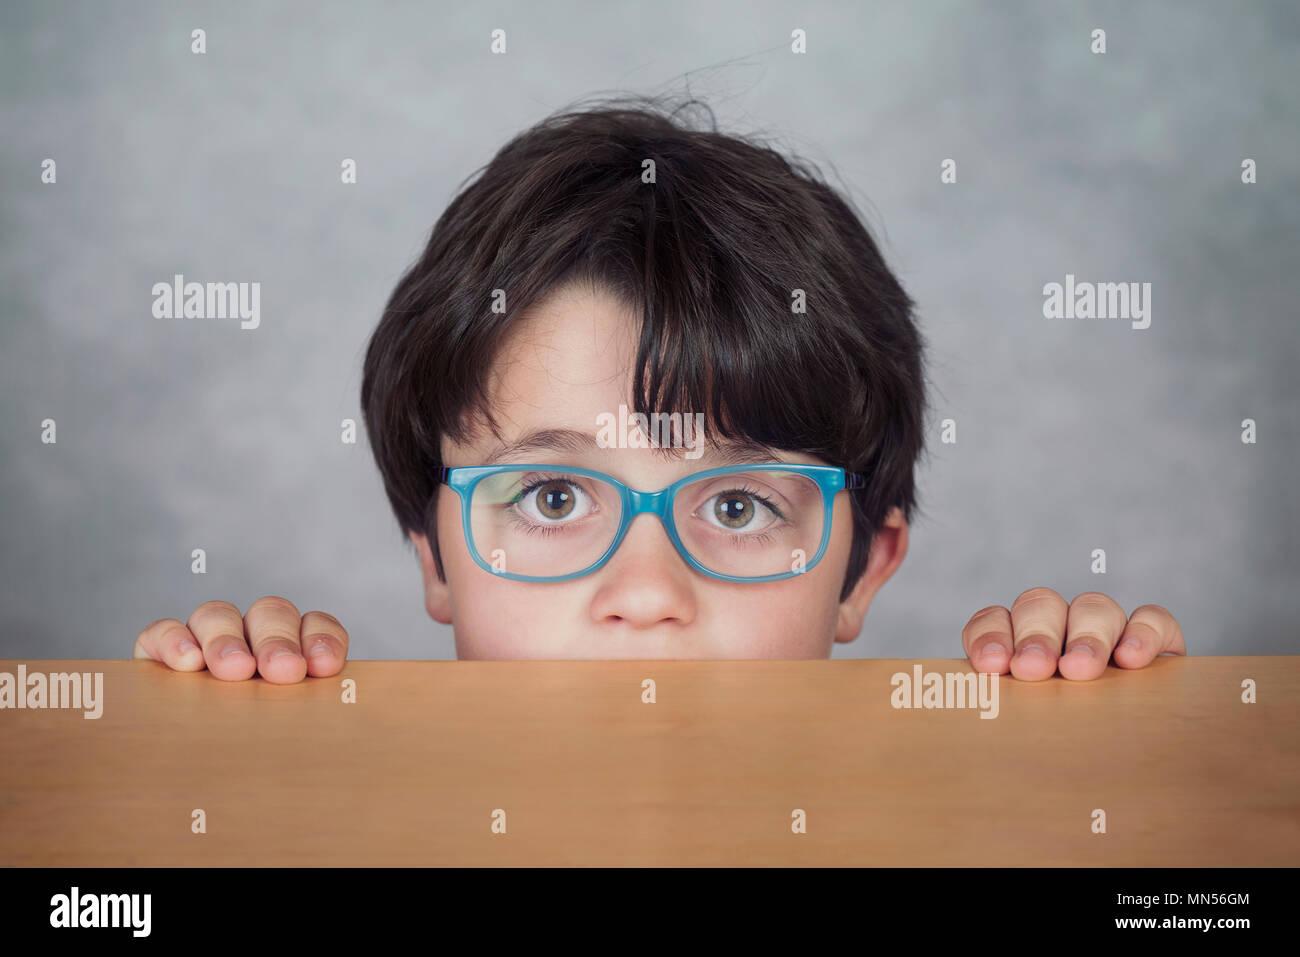 Niño con gafas sobre una tabla de madera sobre fondo gris Imagen De Stock